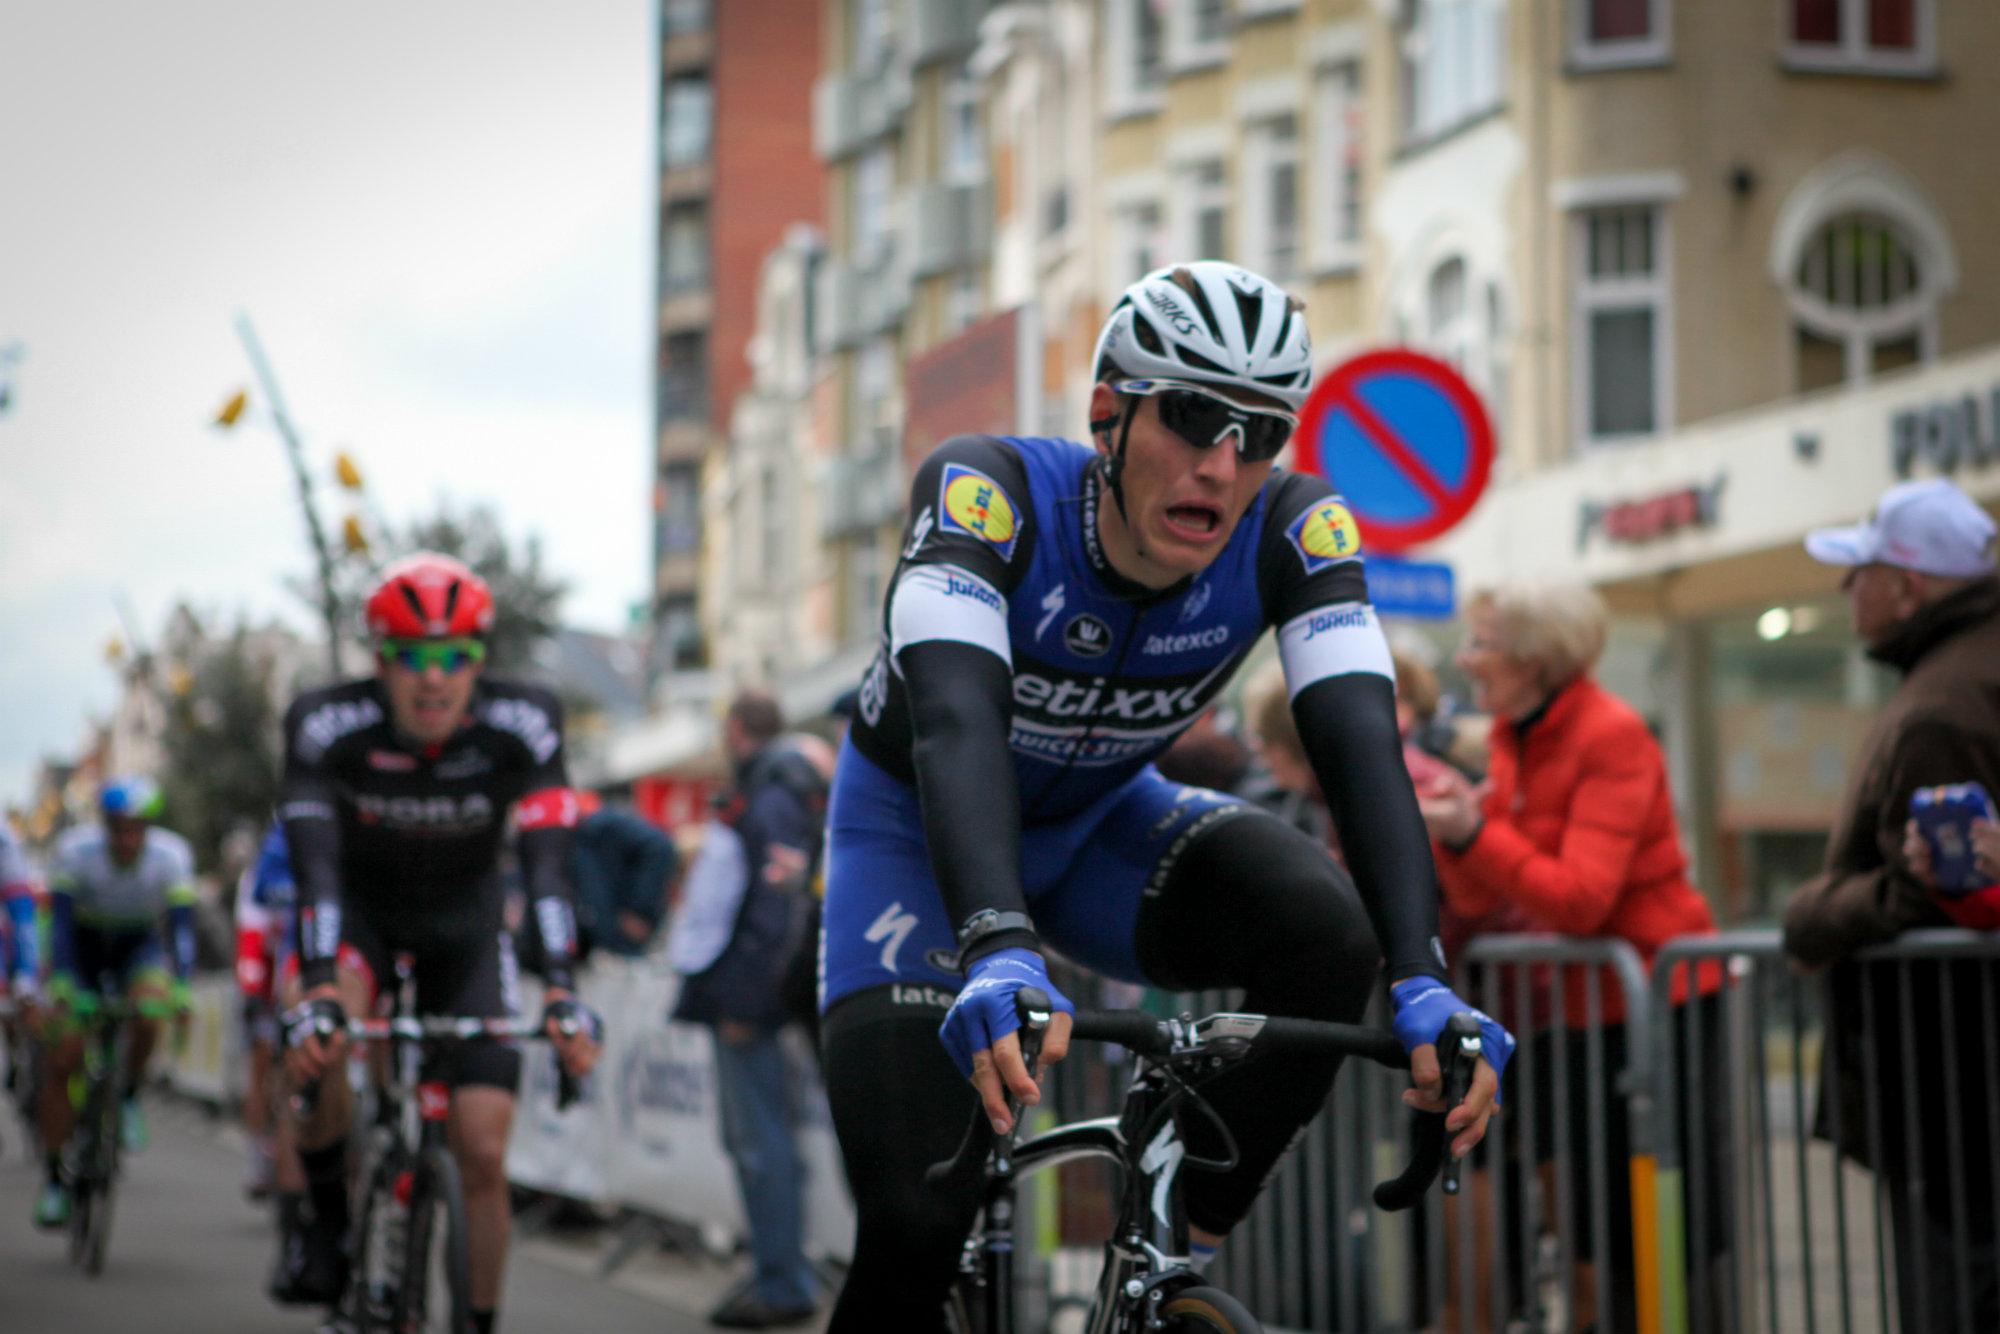 FOR STERK: Marcel Kittel satt på bakhjulet til Alexander Kristoff, og vant etappe 3a i De Panne. FOTO: Kjetil Rakkenes Anda, procycling.no